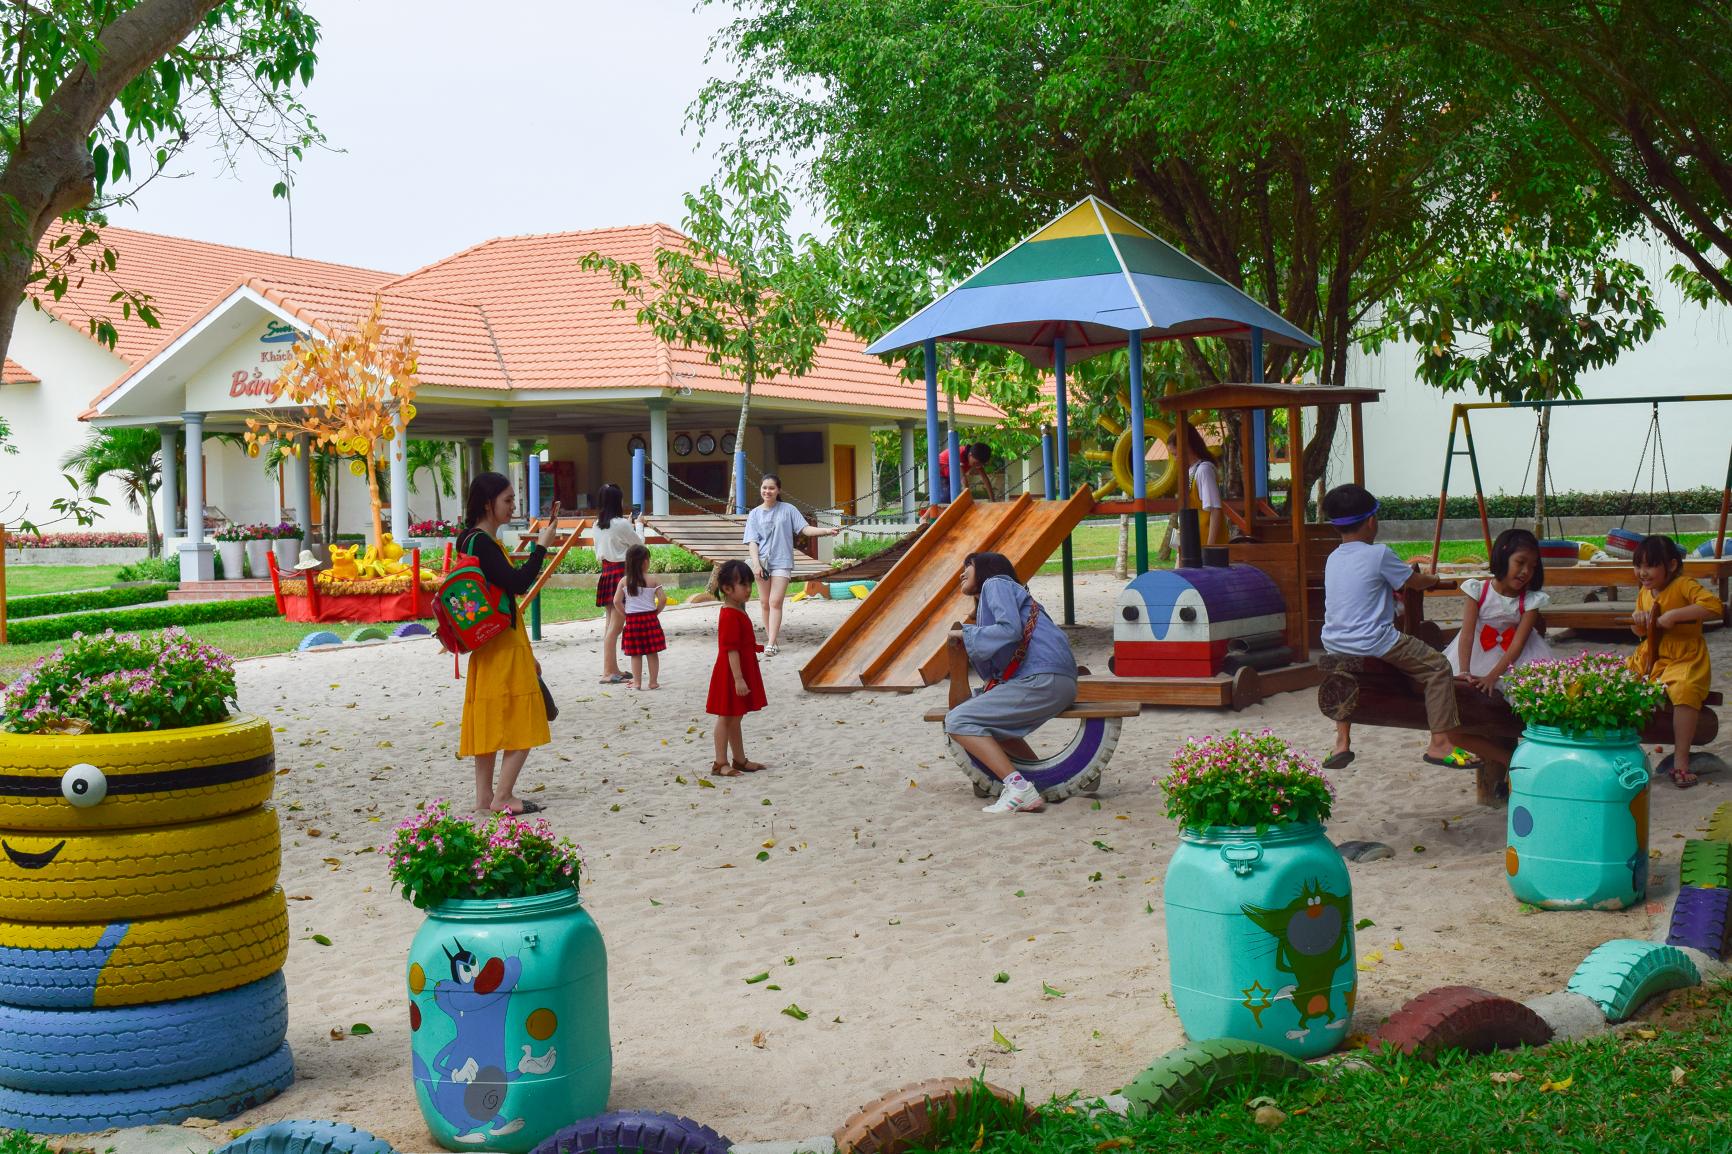 Cùng tận hưởng những ngày hè vui khỏe cùng gia đình tại công viên Suối Mơ - Ảnh 5